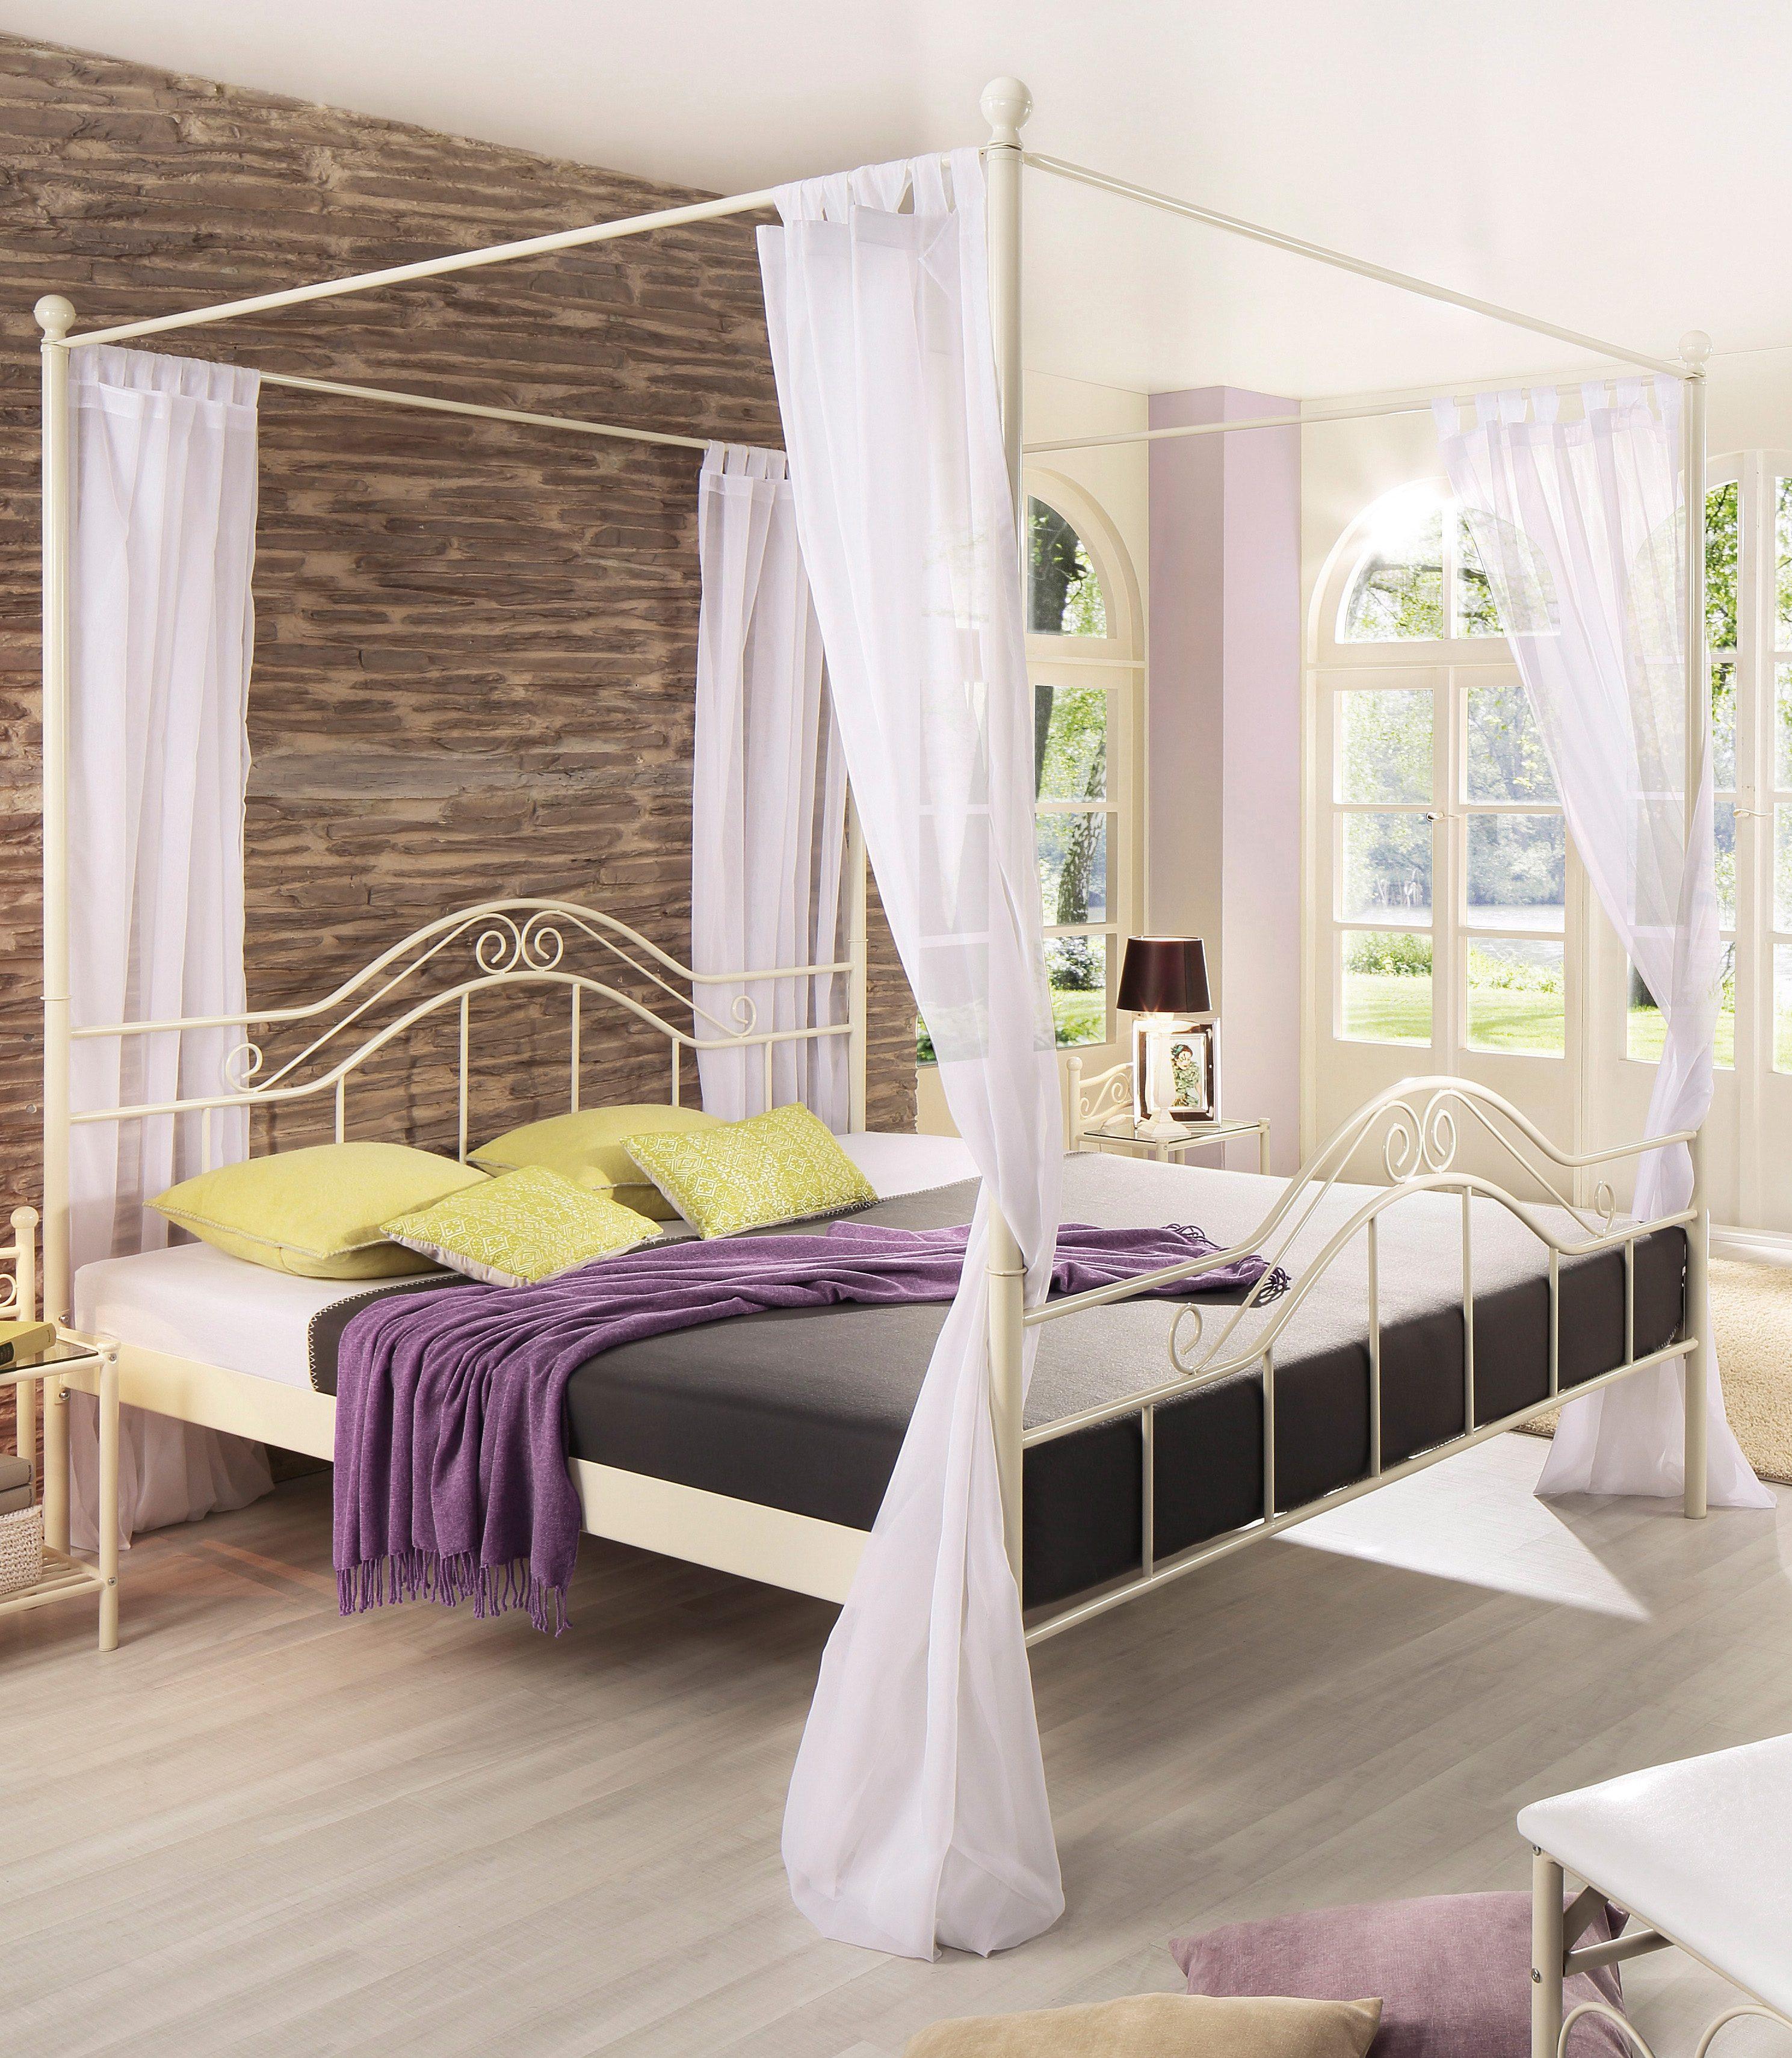 Home affaire Bettaufsatz | Kinderzimmer > Kinderzimmerdekoration | home affaire